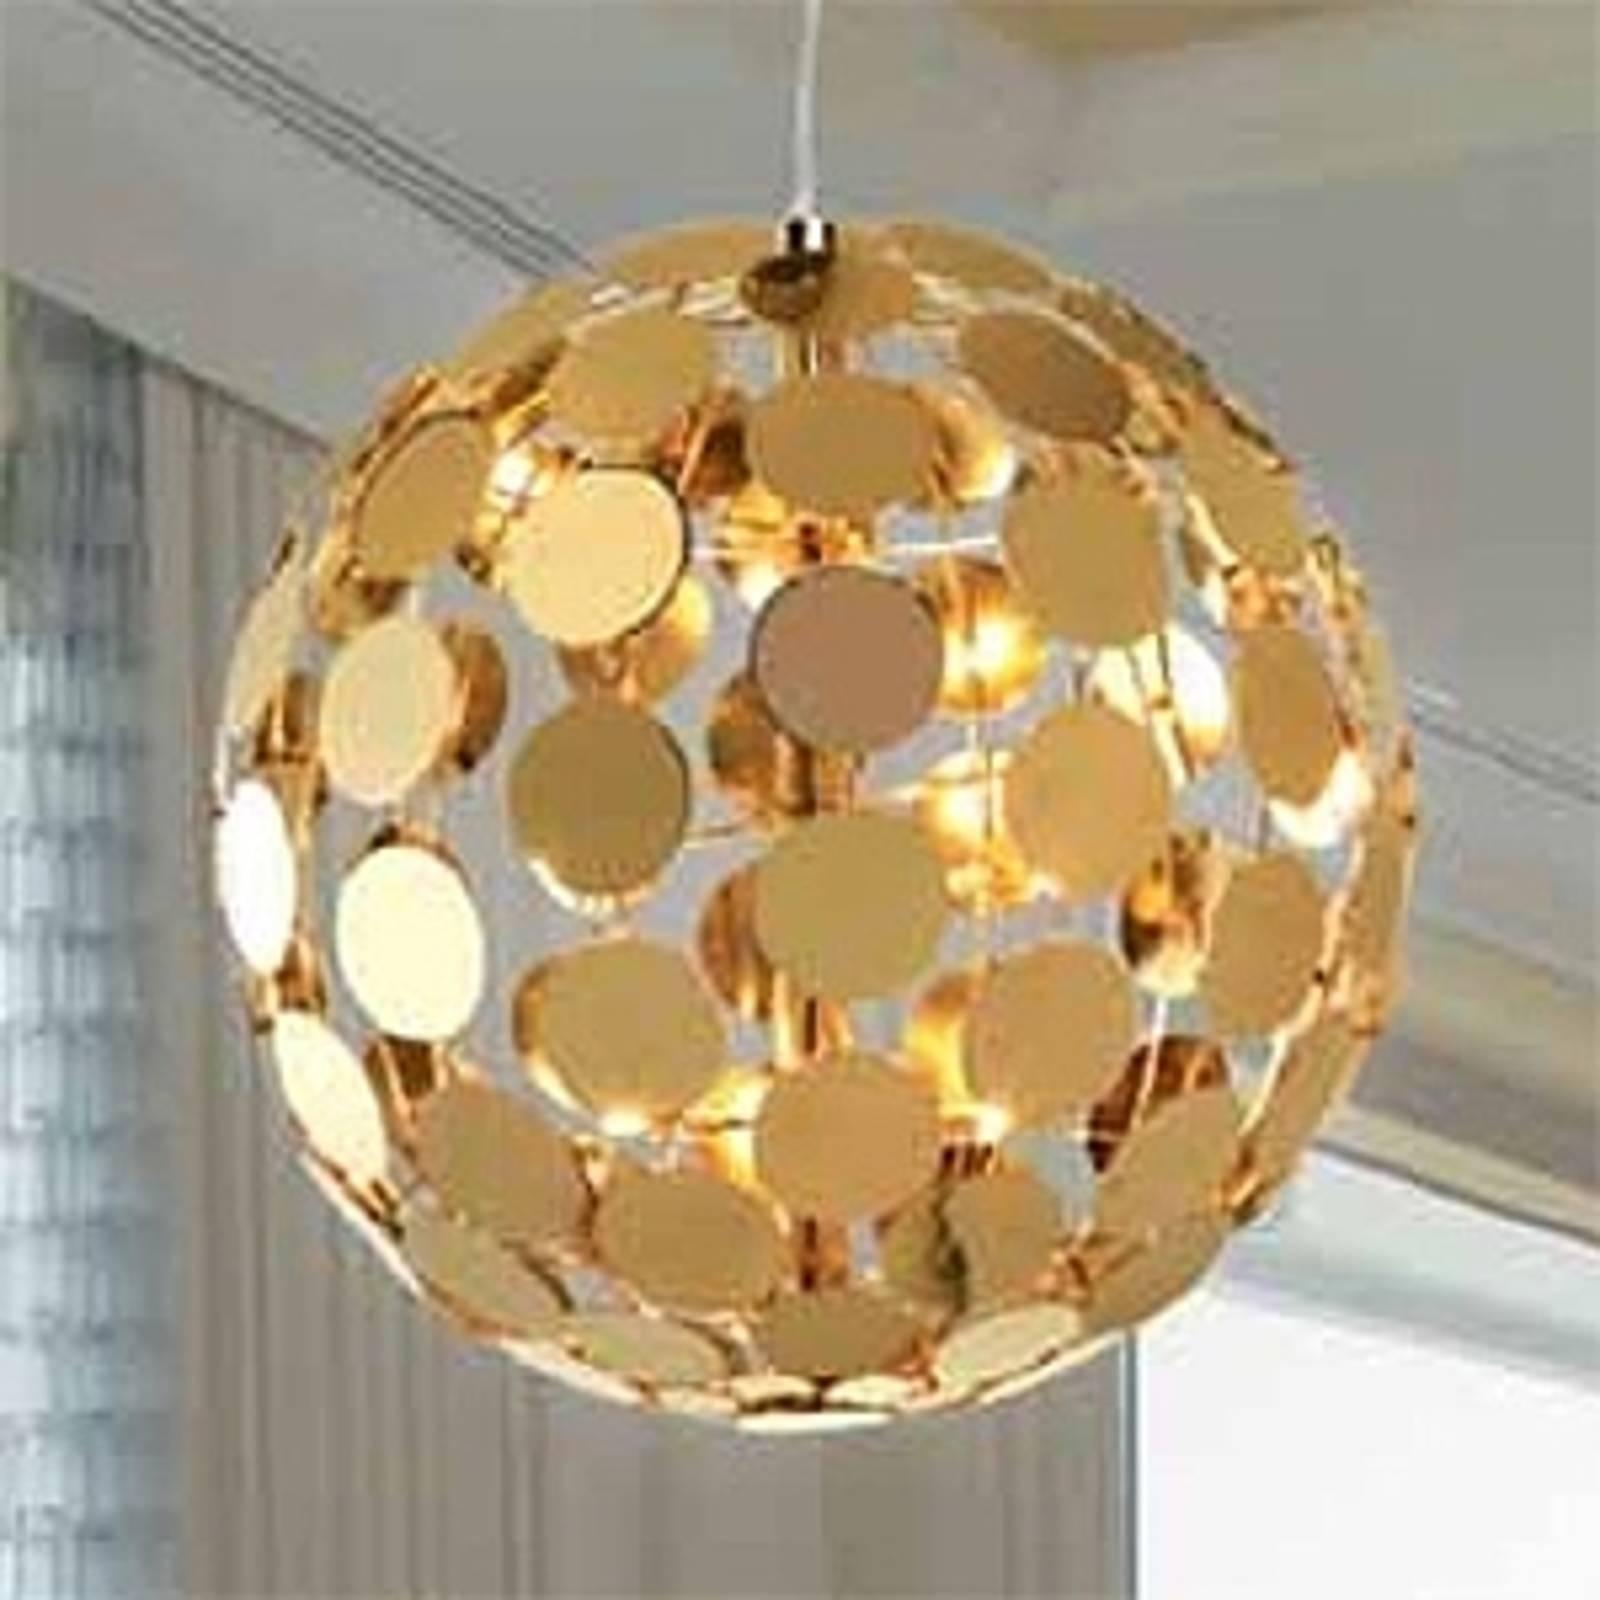 Lampa wisząca SFERA, śr. 50 cm w kolorze złota